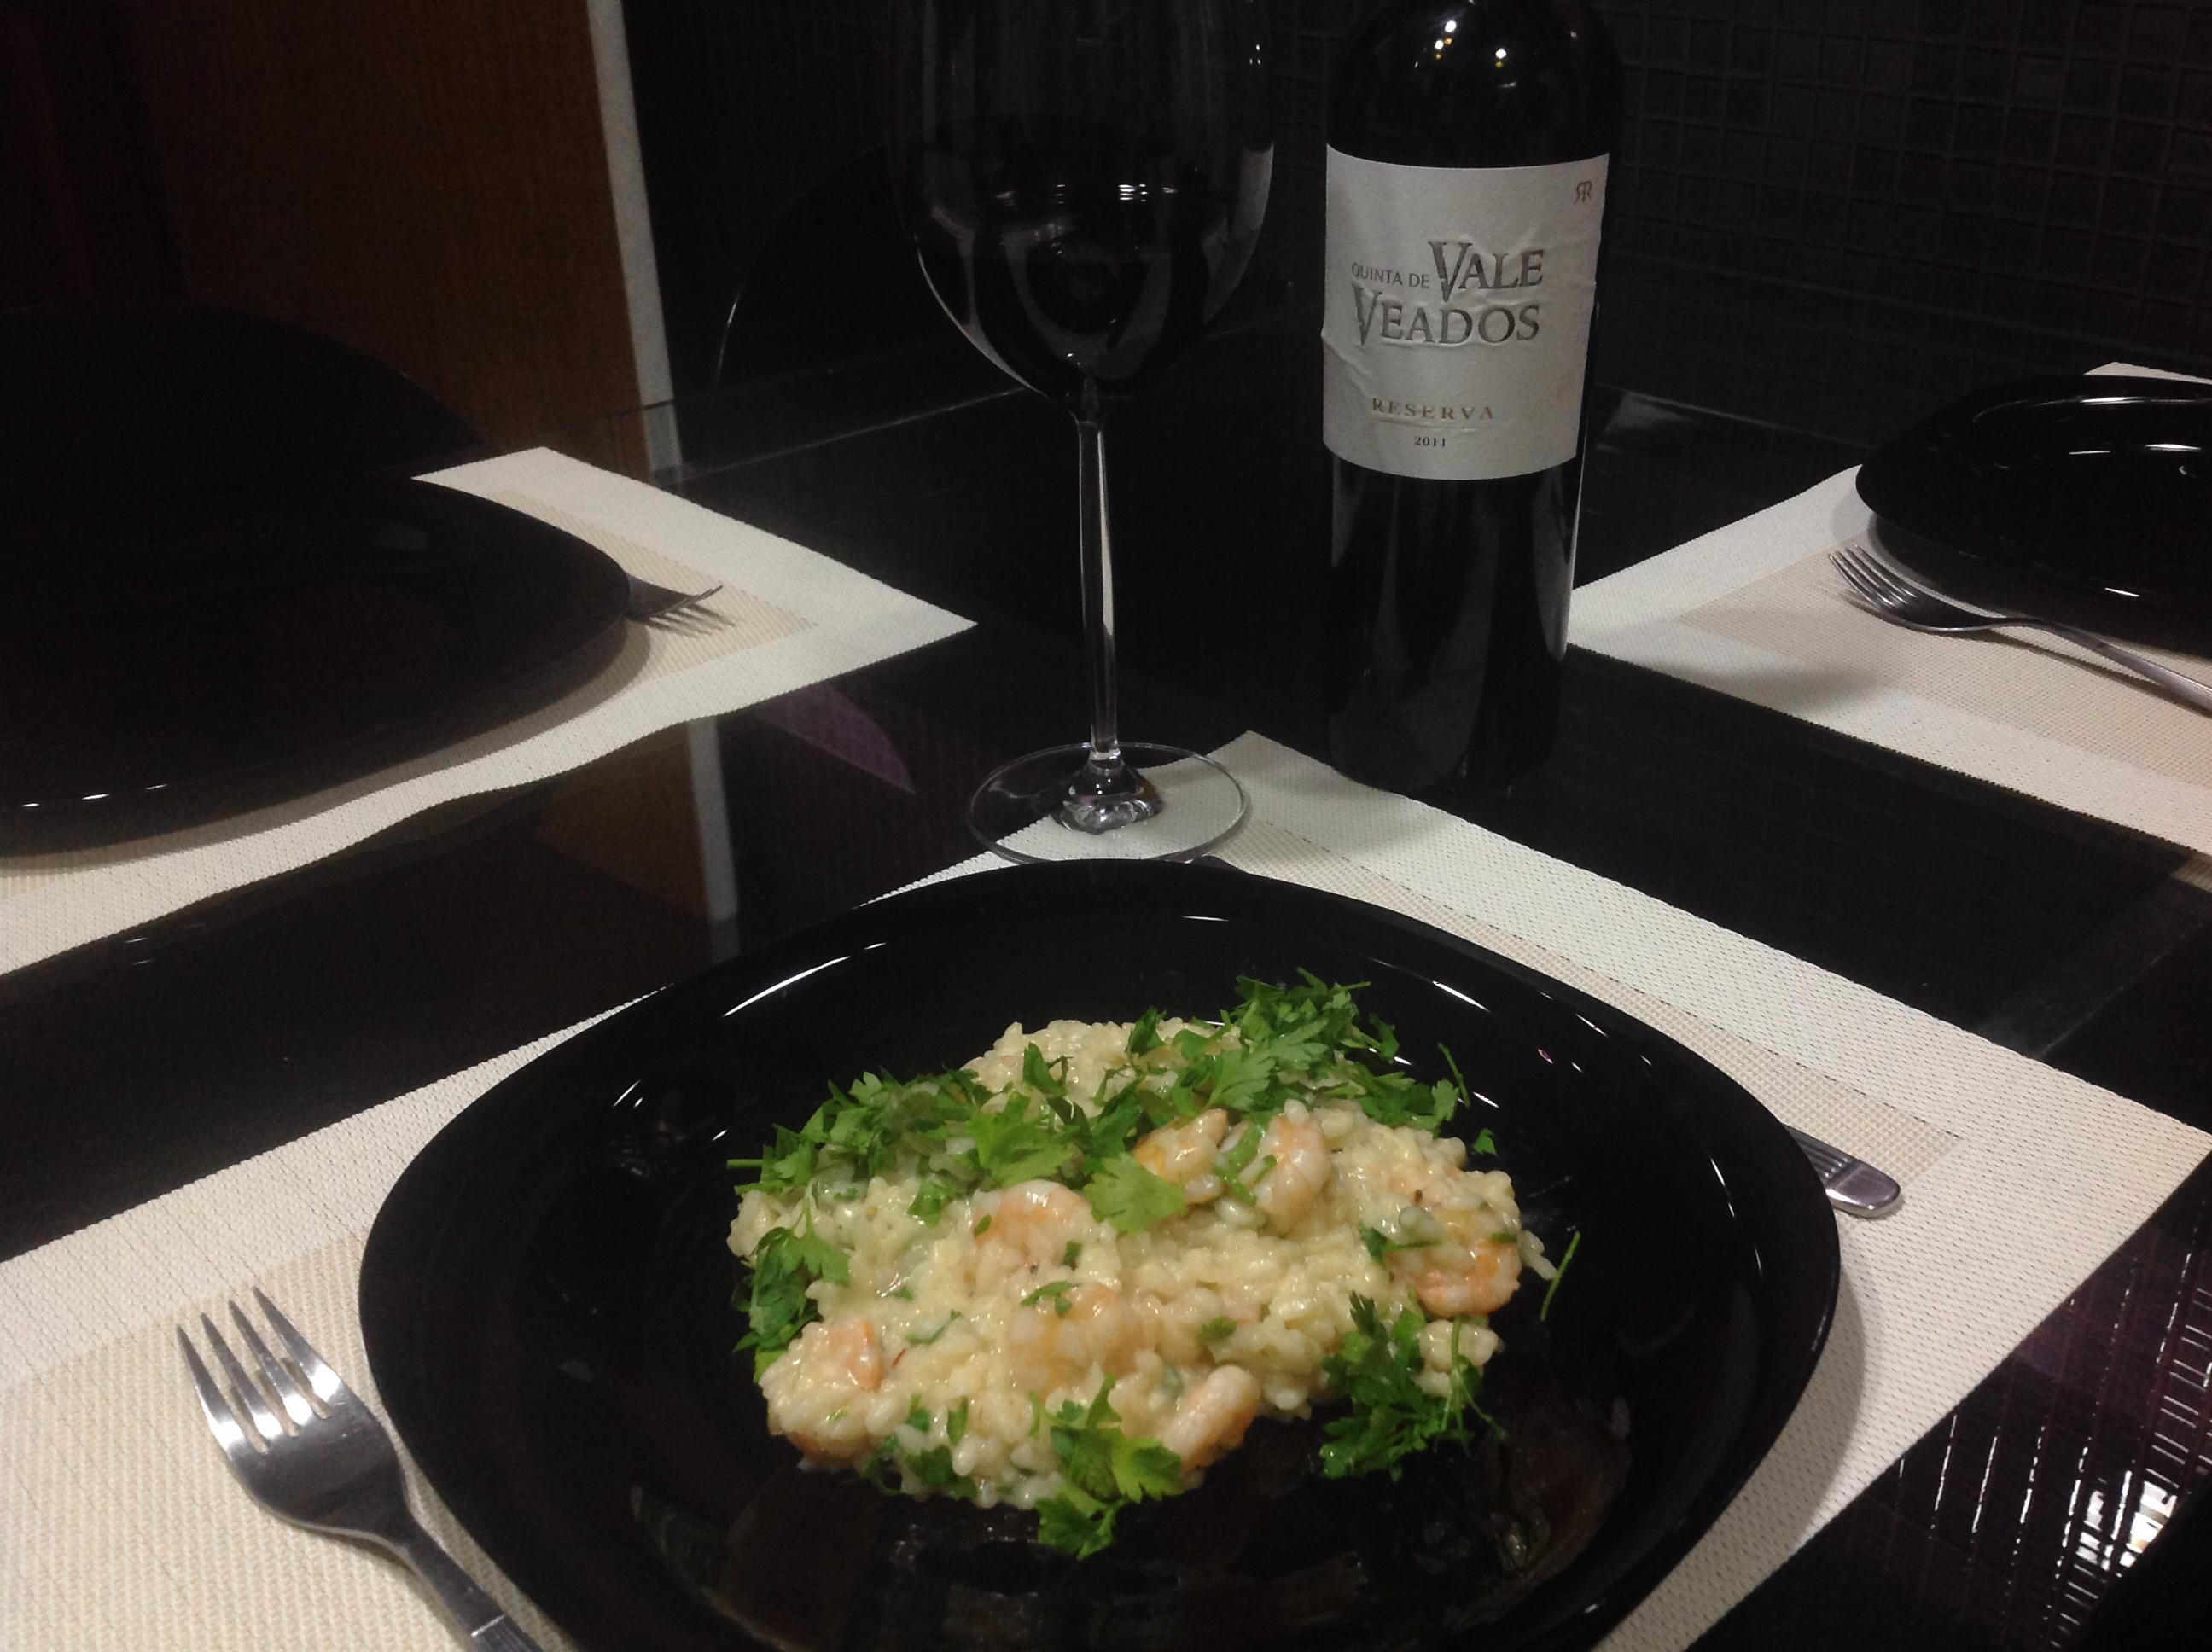 Preparando o prato e harmonizando com o vinho